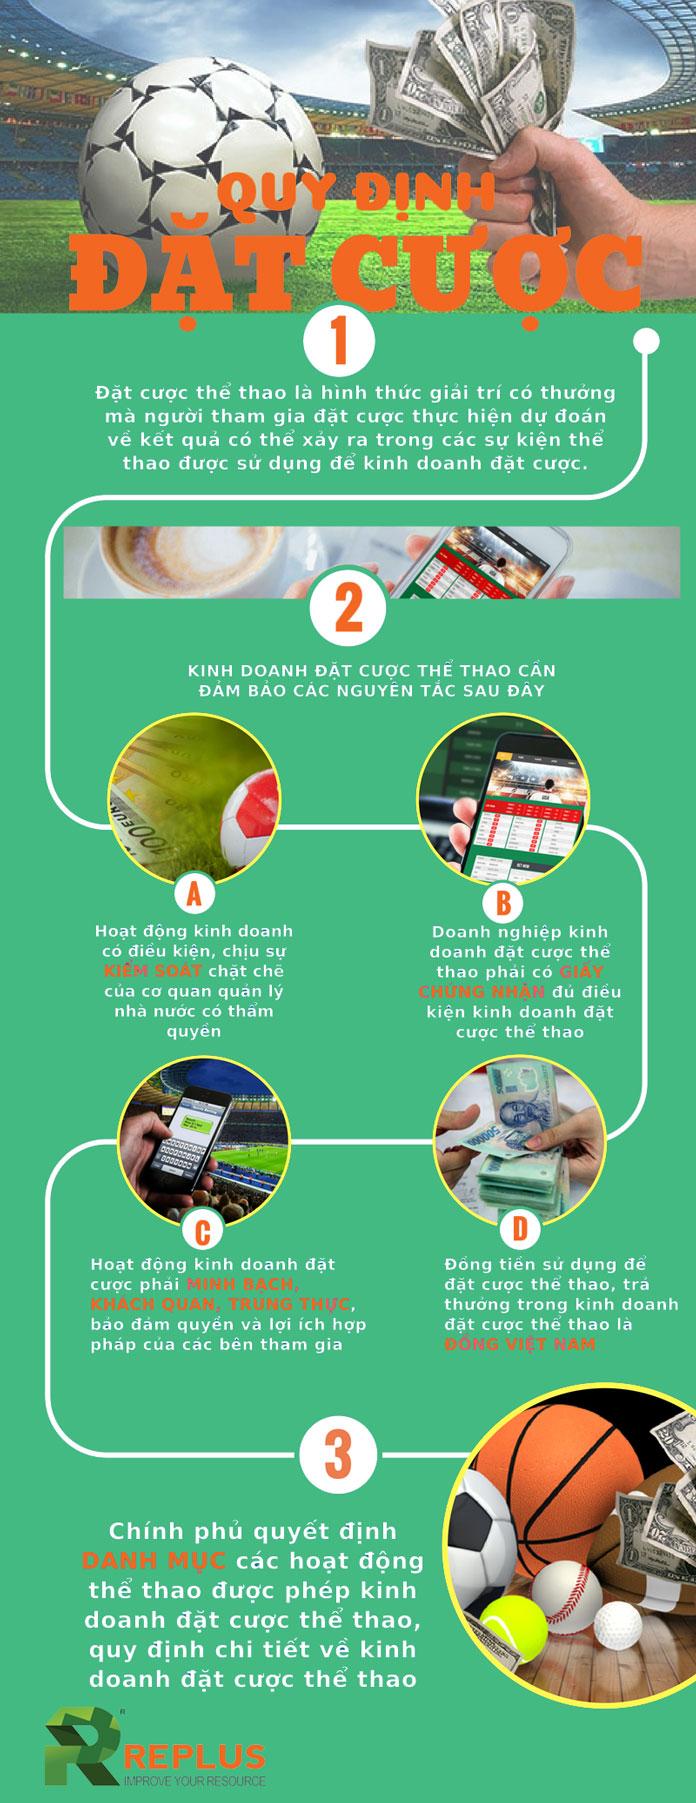 infographic-Quy định trả thưởng đặt cược thể thao ở Việt Nam